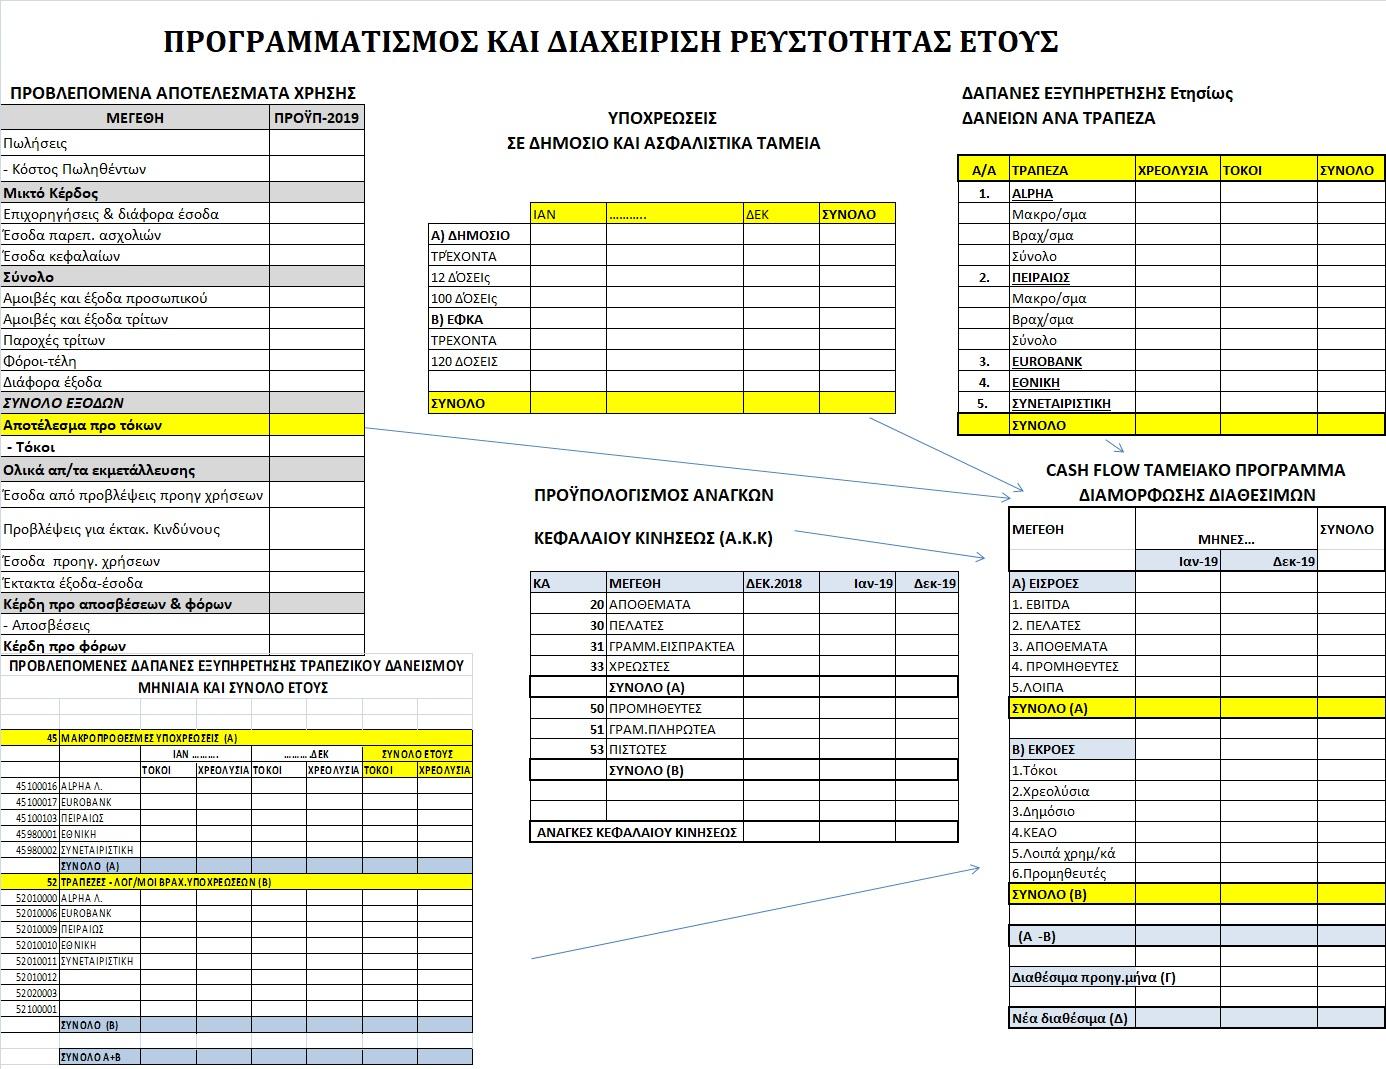 Προγραμματισμός και διαχείρισης Ρευστότητας Έτους